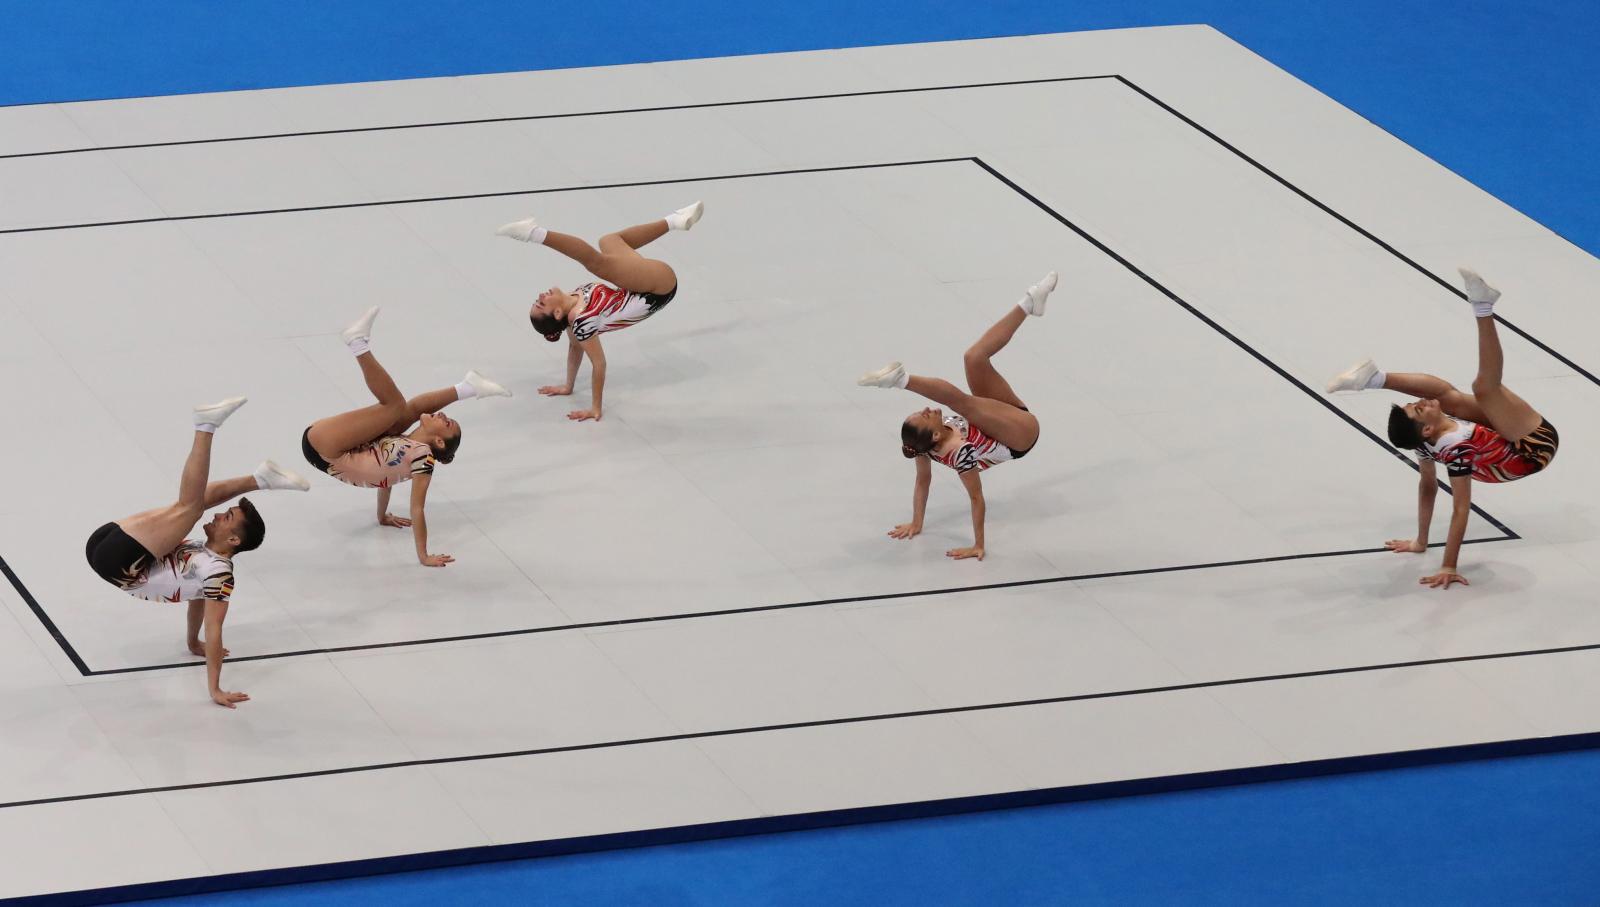 Hiszpańska grupa gimnastyczna w Igrzyskach Europejskich w Mińsku. Fot. PAP/EPA/TATYANA ZENKOVICH